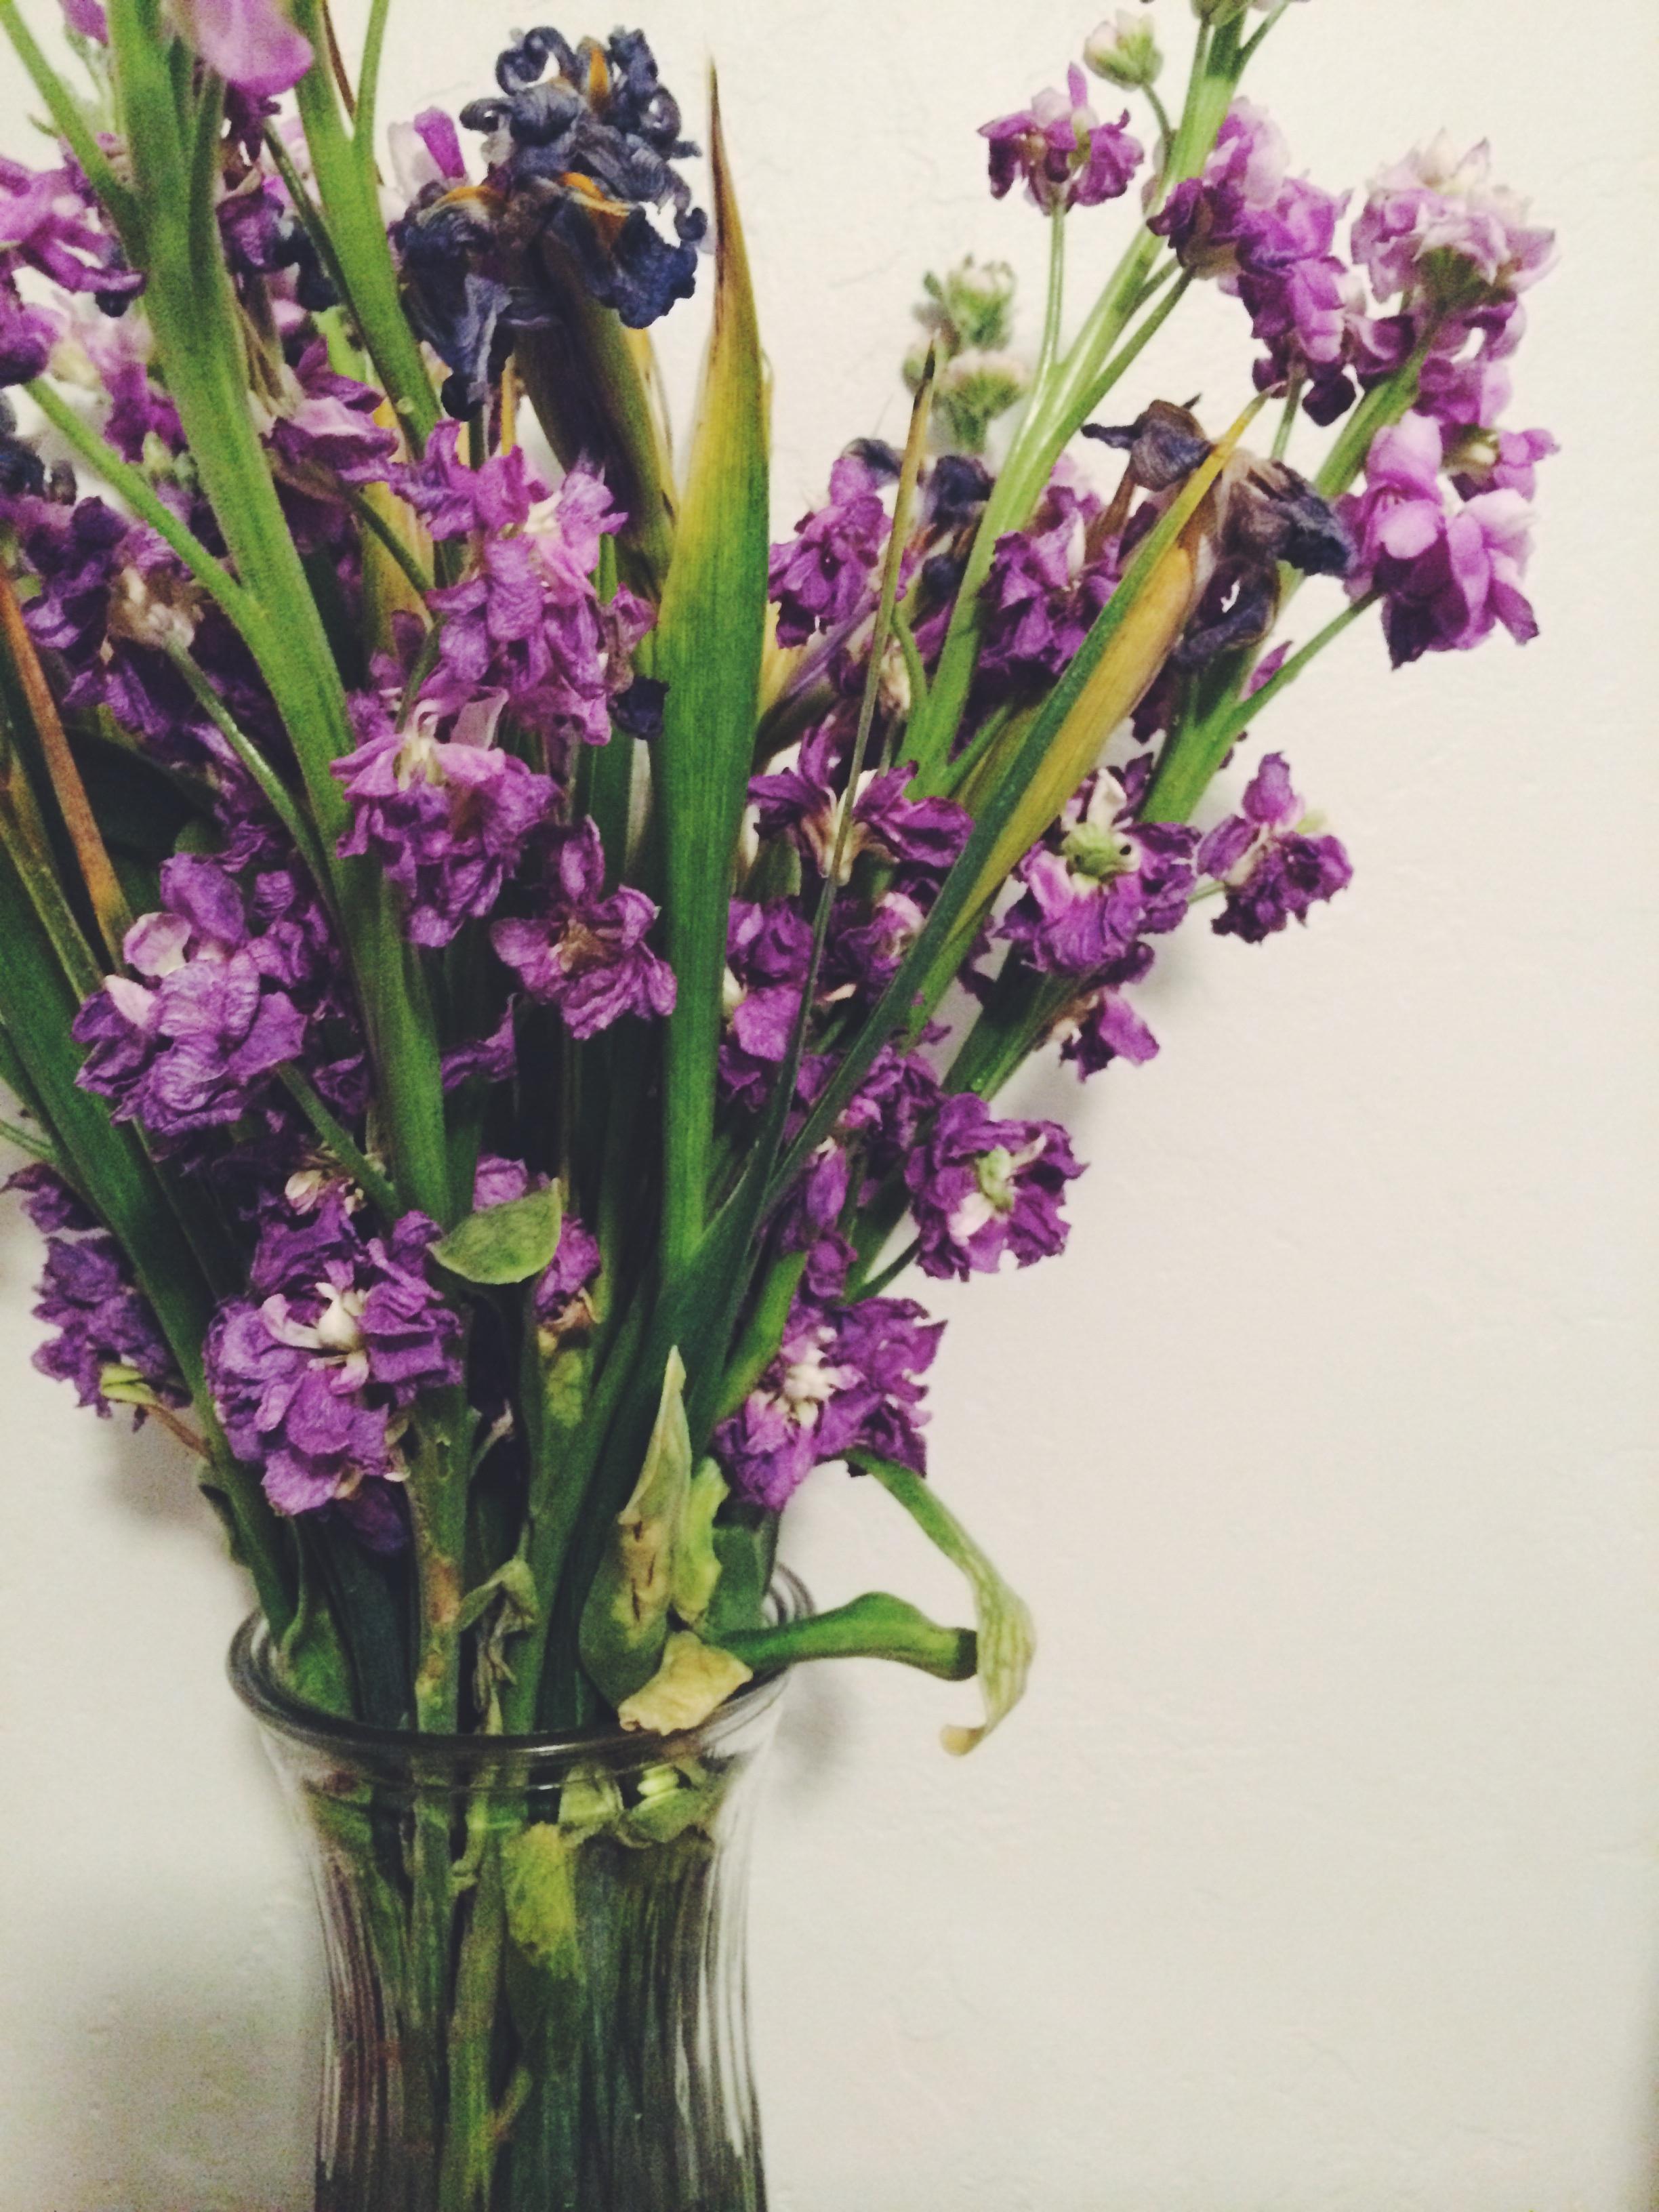 Fotos Gratis Flor Lavanda Orquídea Floristería